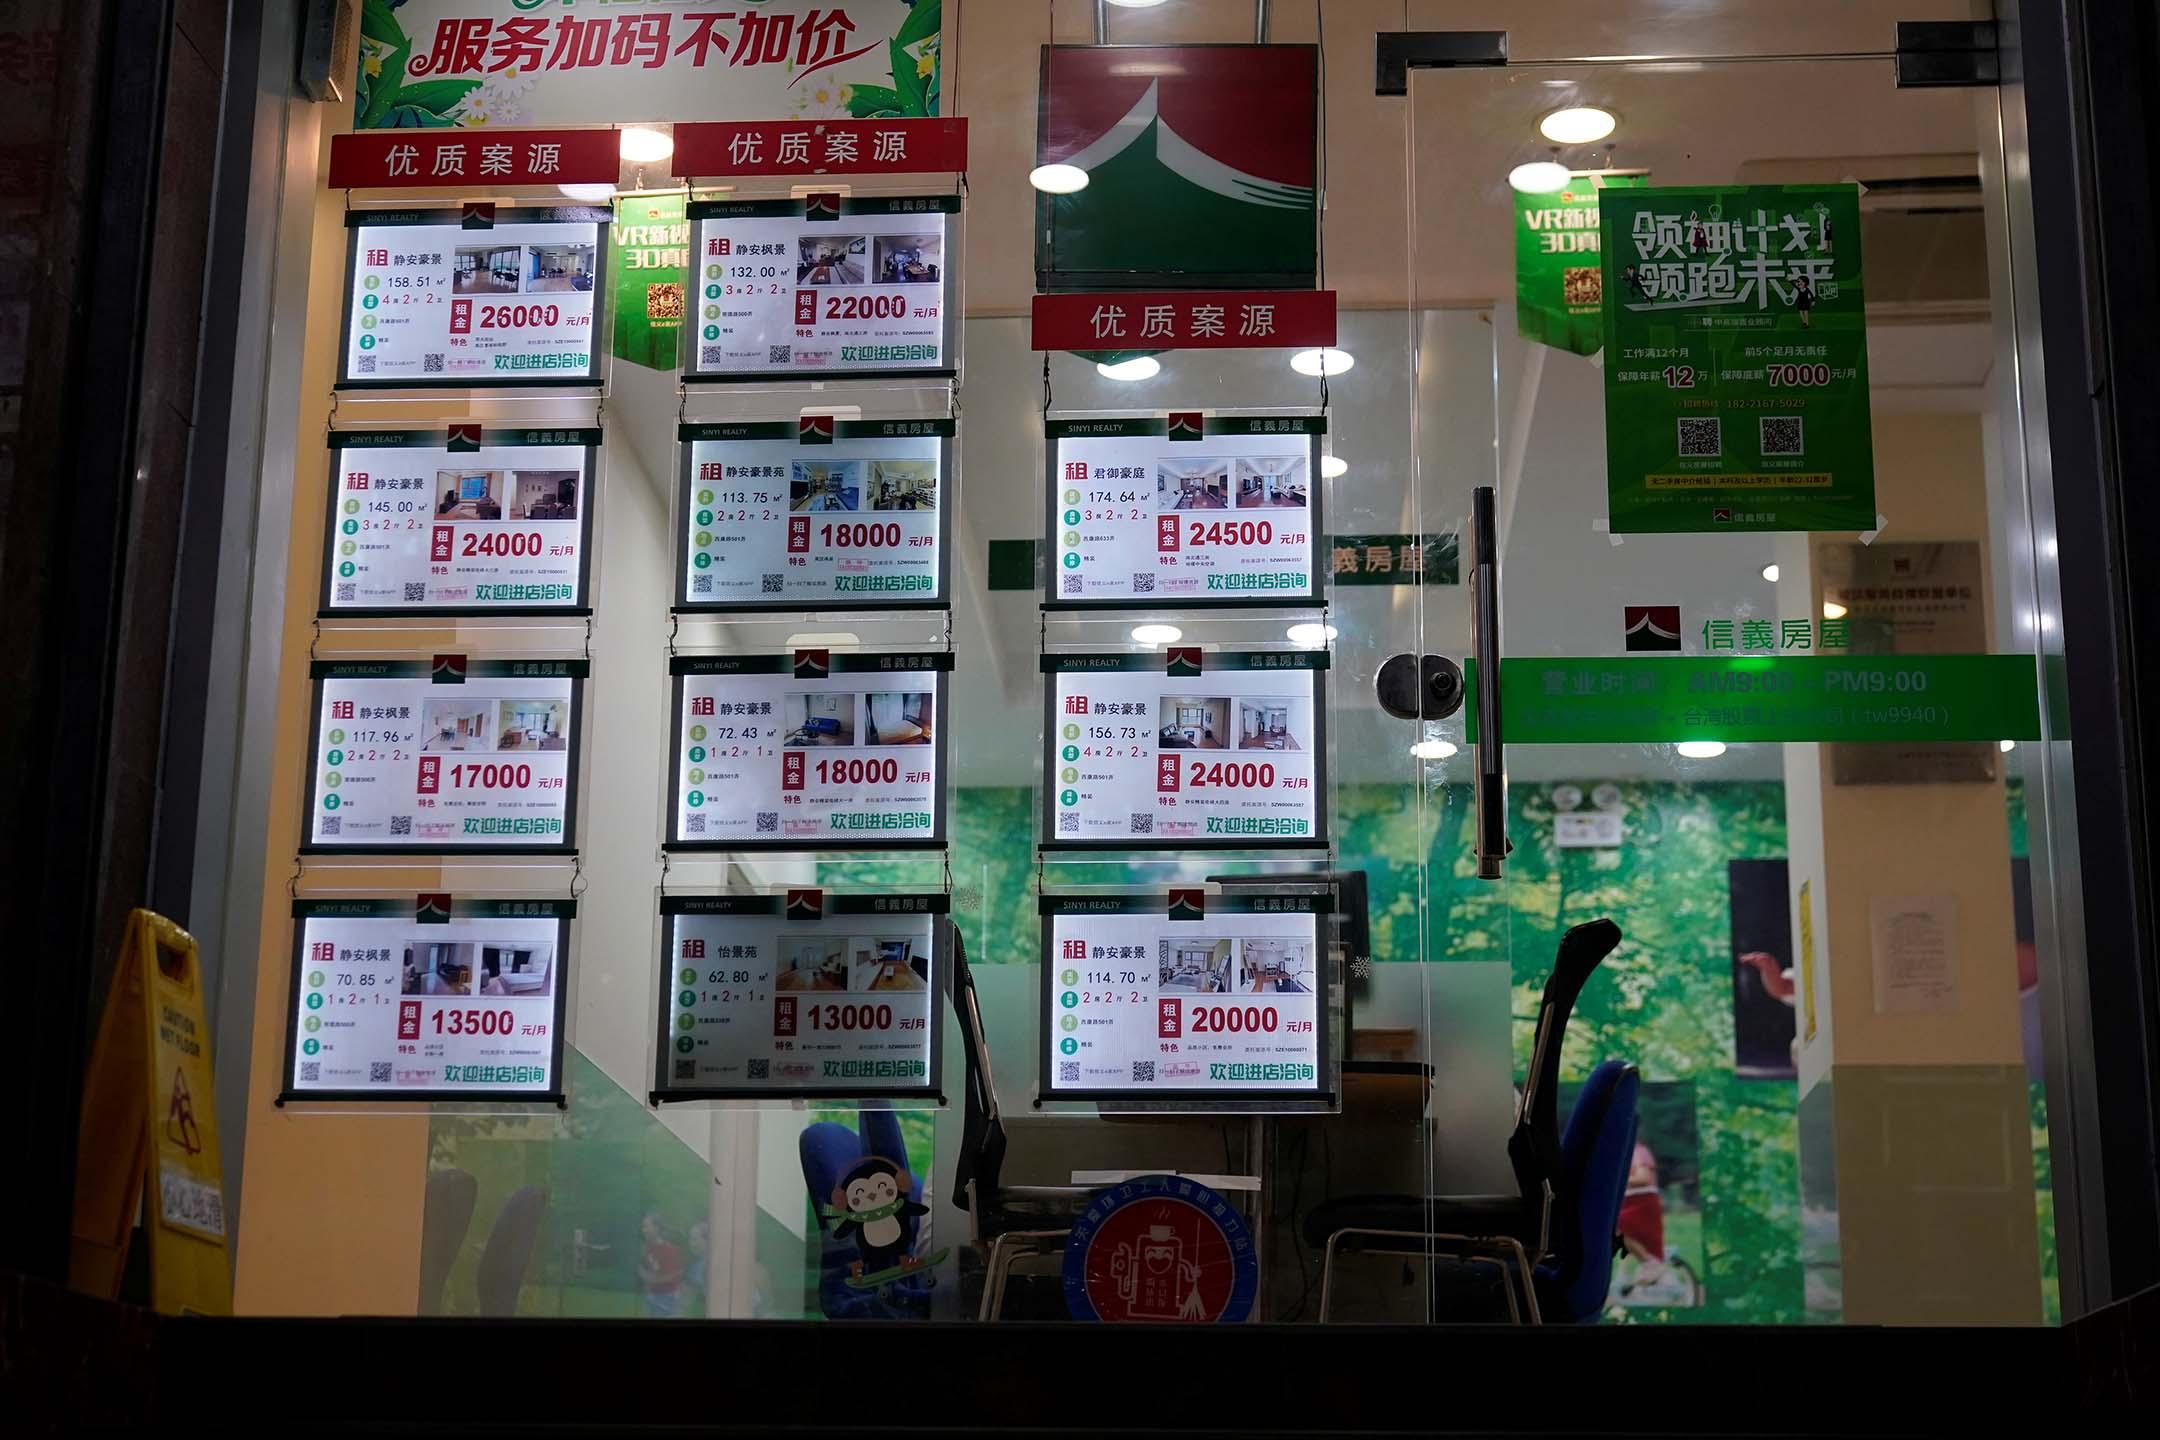 2020年8月11日中國上海,一個房地產經紀公司的櫥窗。